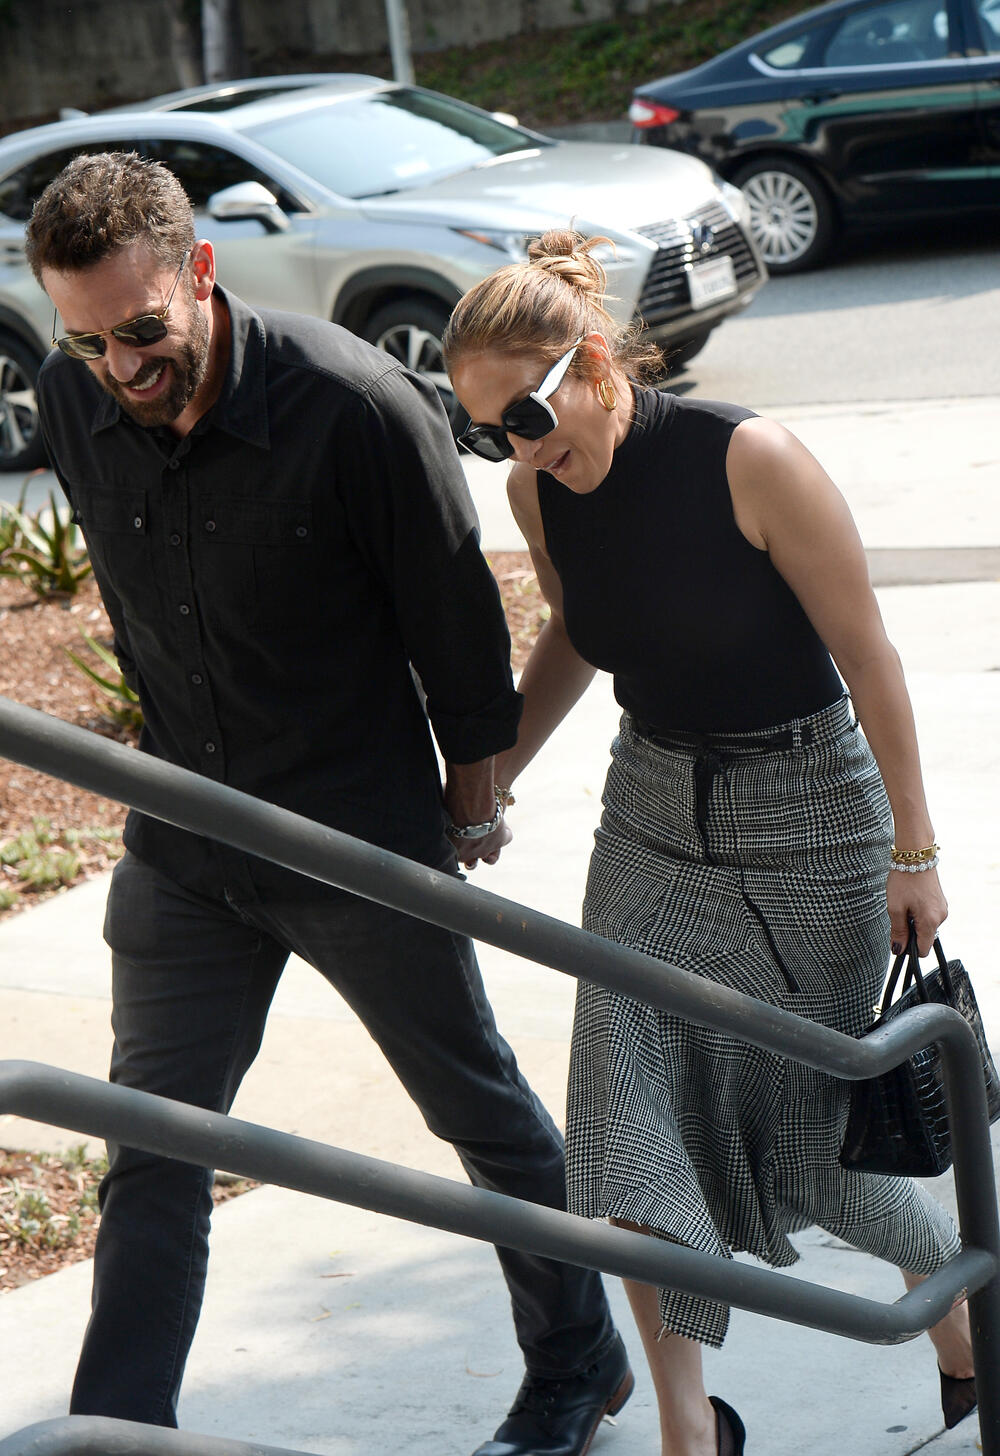 <p><br /> Holivudski glumac i producent Ben Aflek obično ne priča o svojoj privatnosti, ali sada je rešio da pređe granicu jedan mali korak</p>